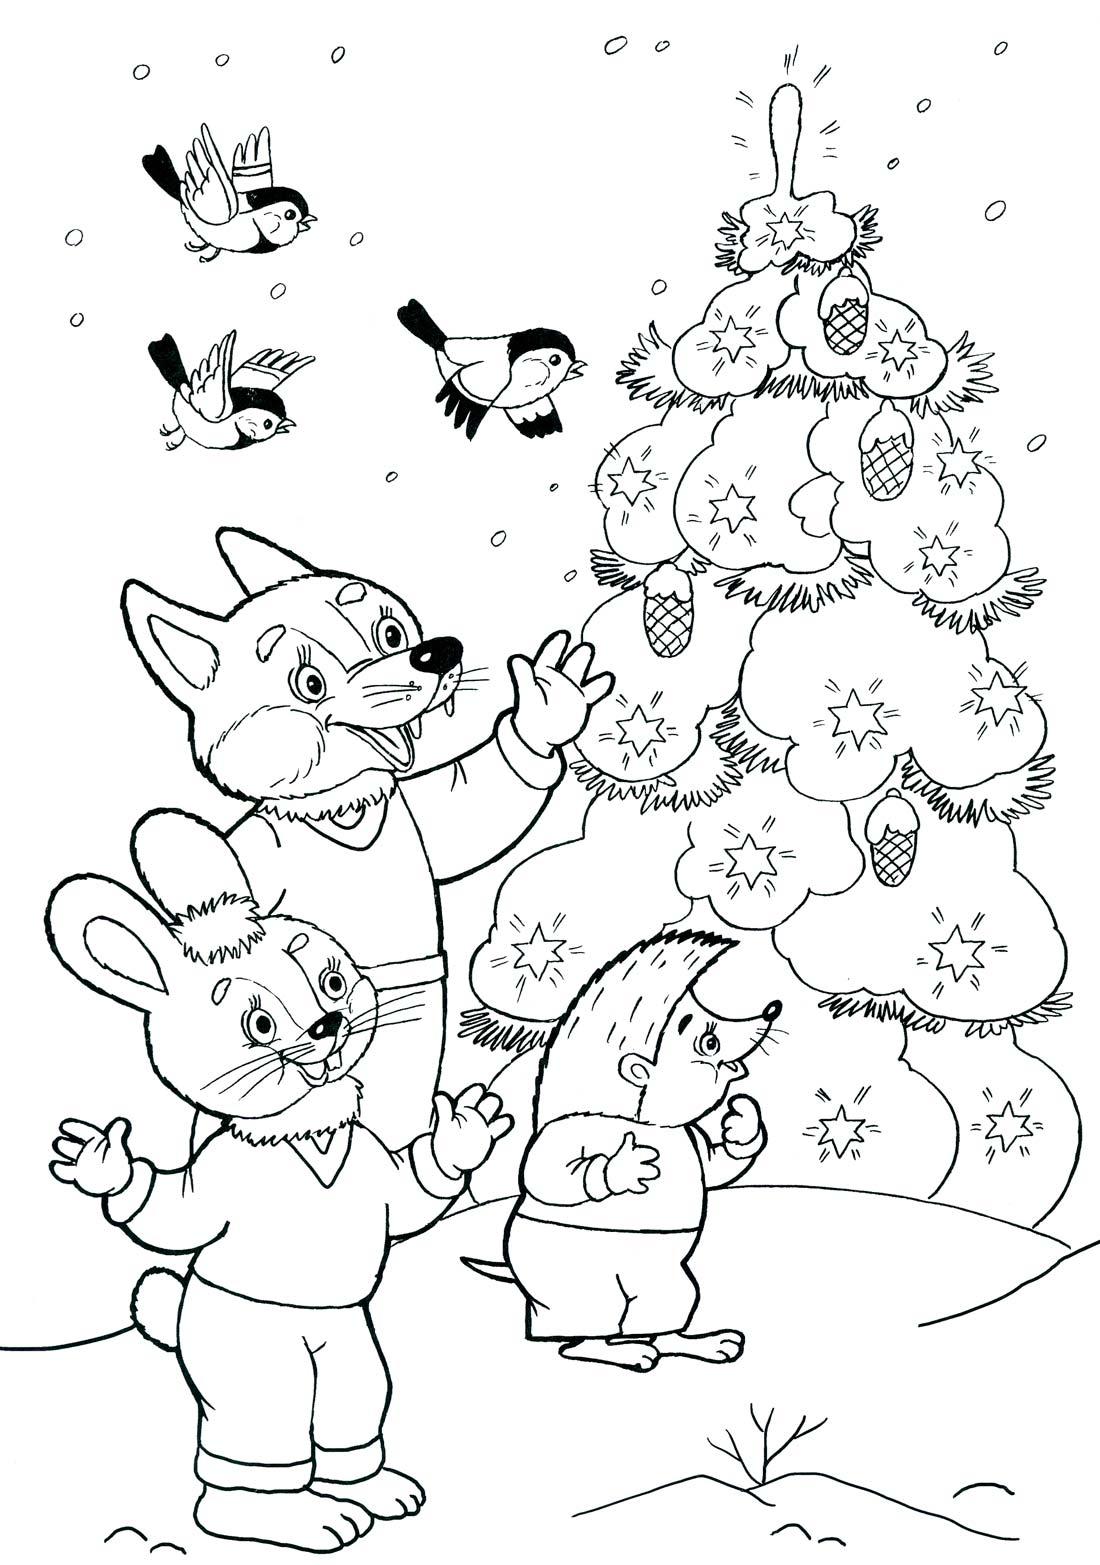 Лиса, заяц и ежик возле наряженной елки в лесу Детские раскраски зима распечатать